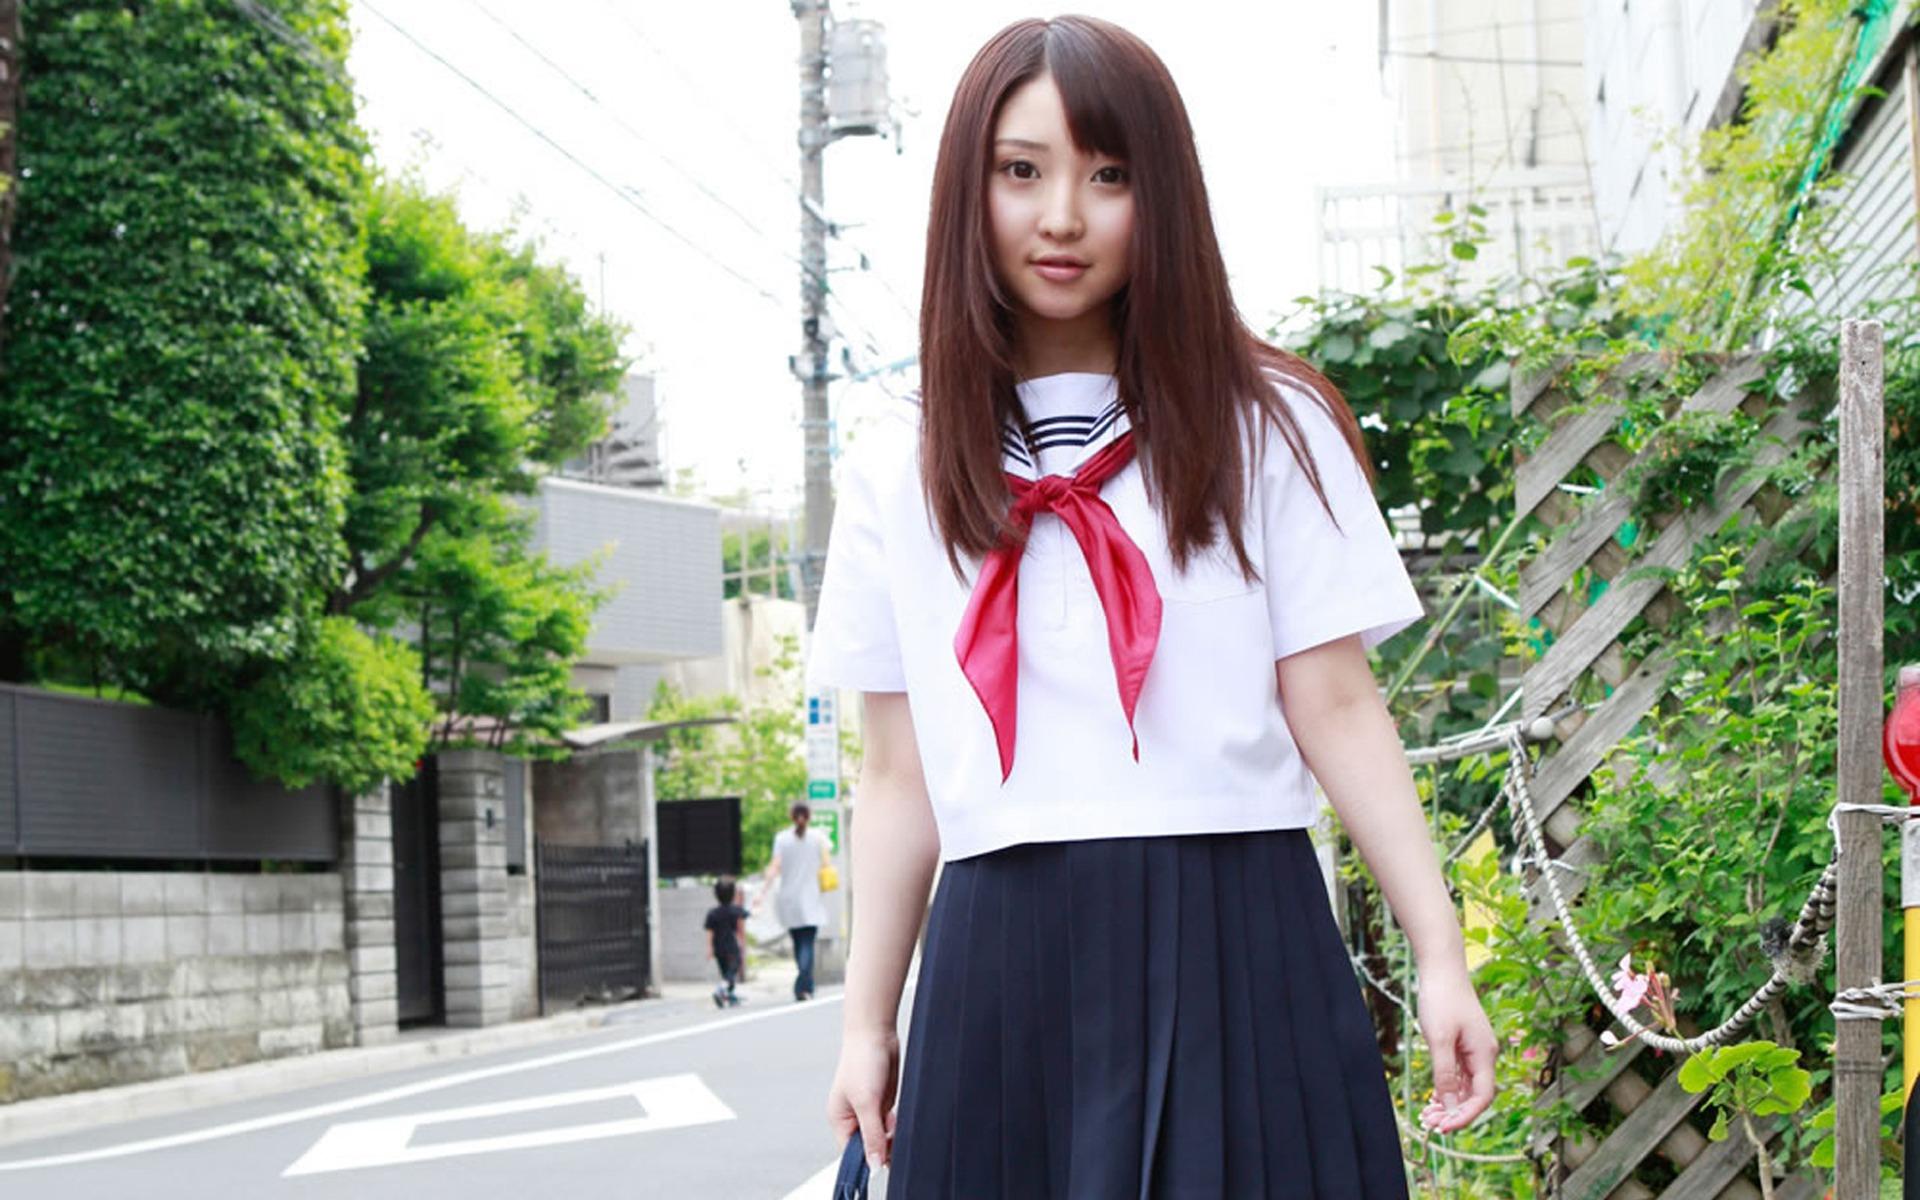 japan-school-girls-pictures